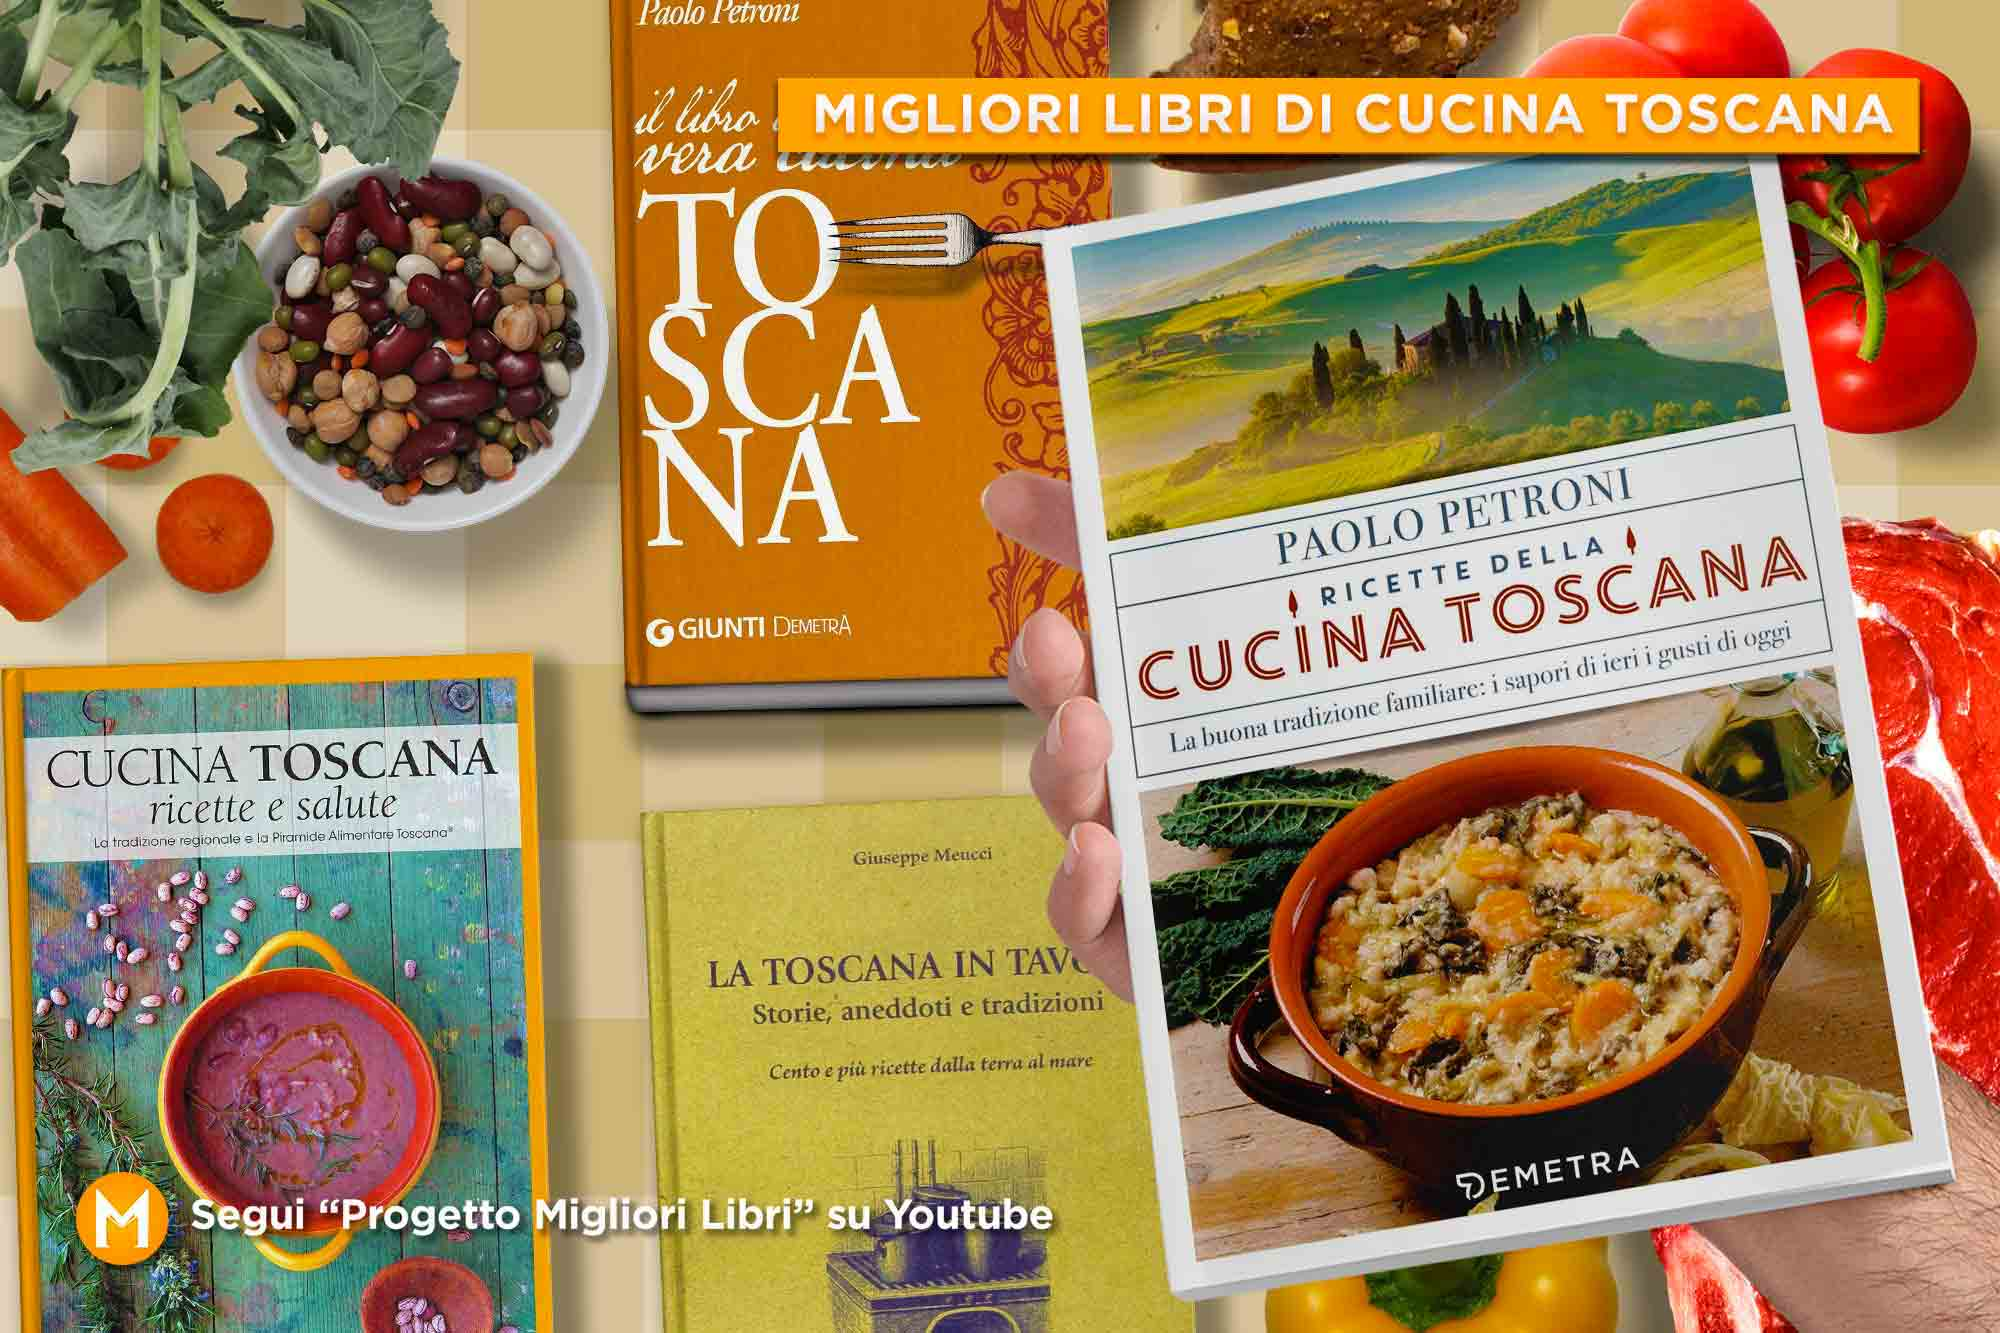 migliori-libri-di-cucina-toscana